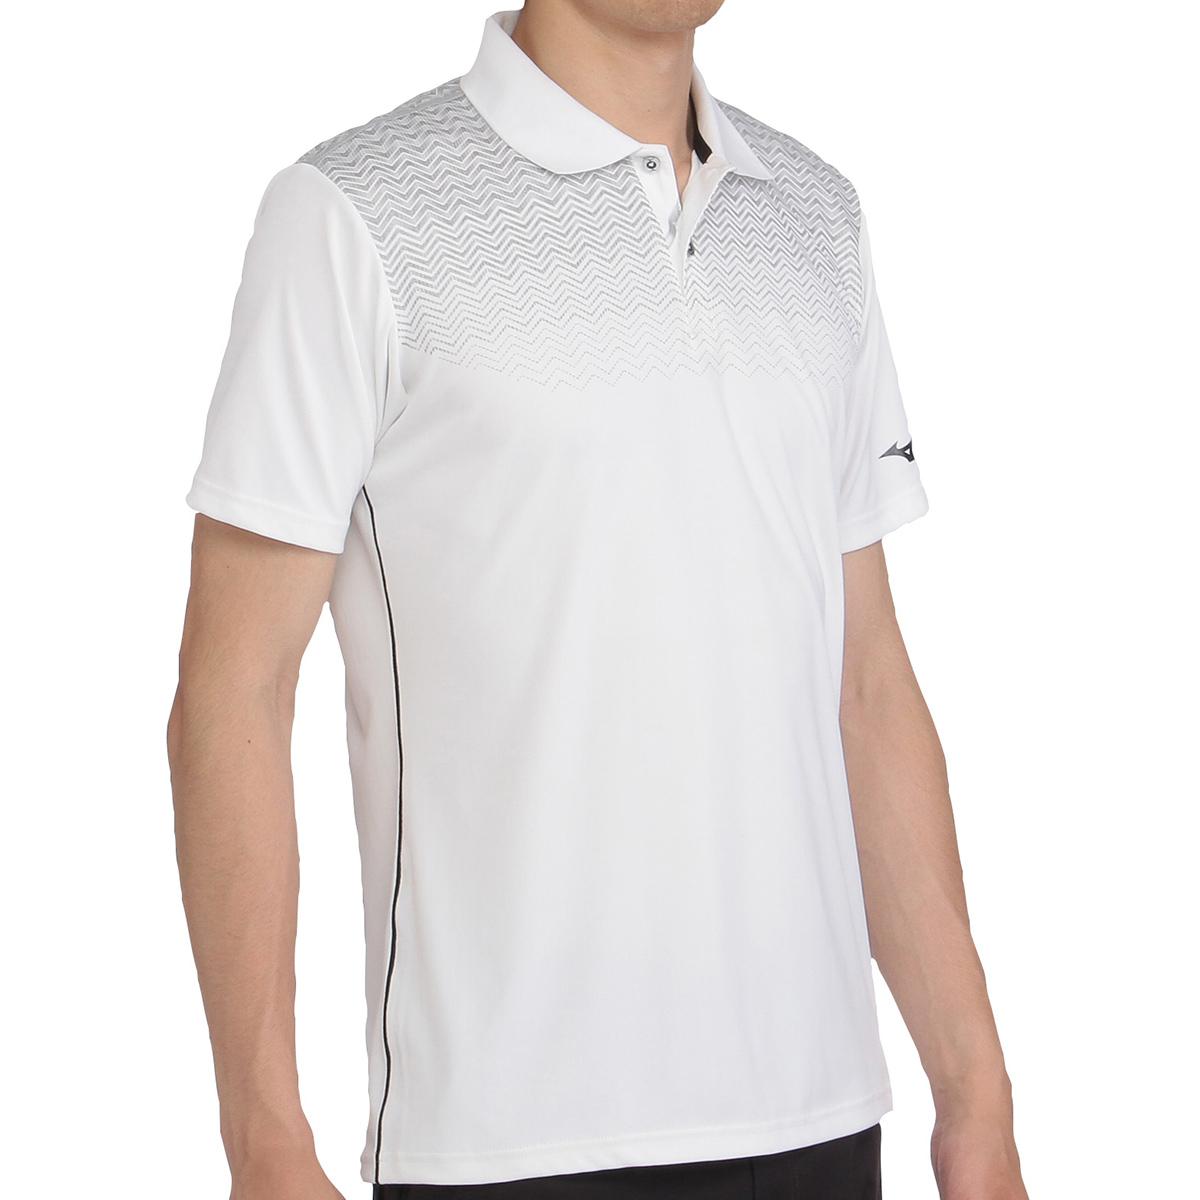 ソーラーカットプリント半袖ポロシャツ